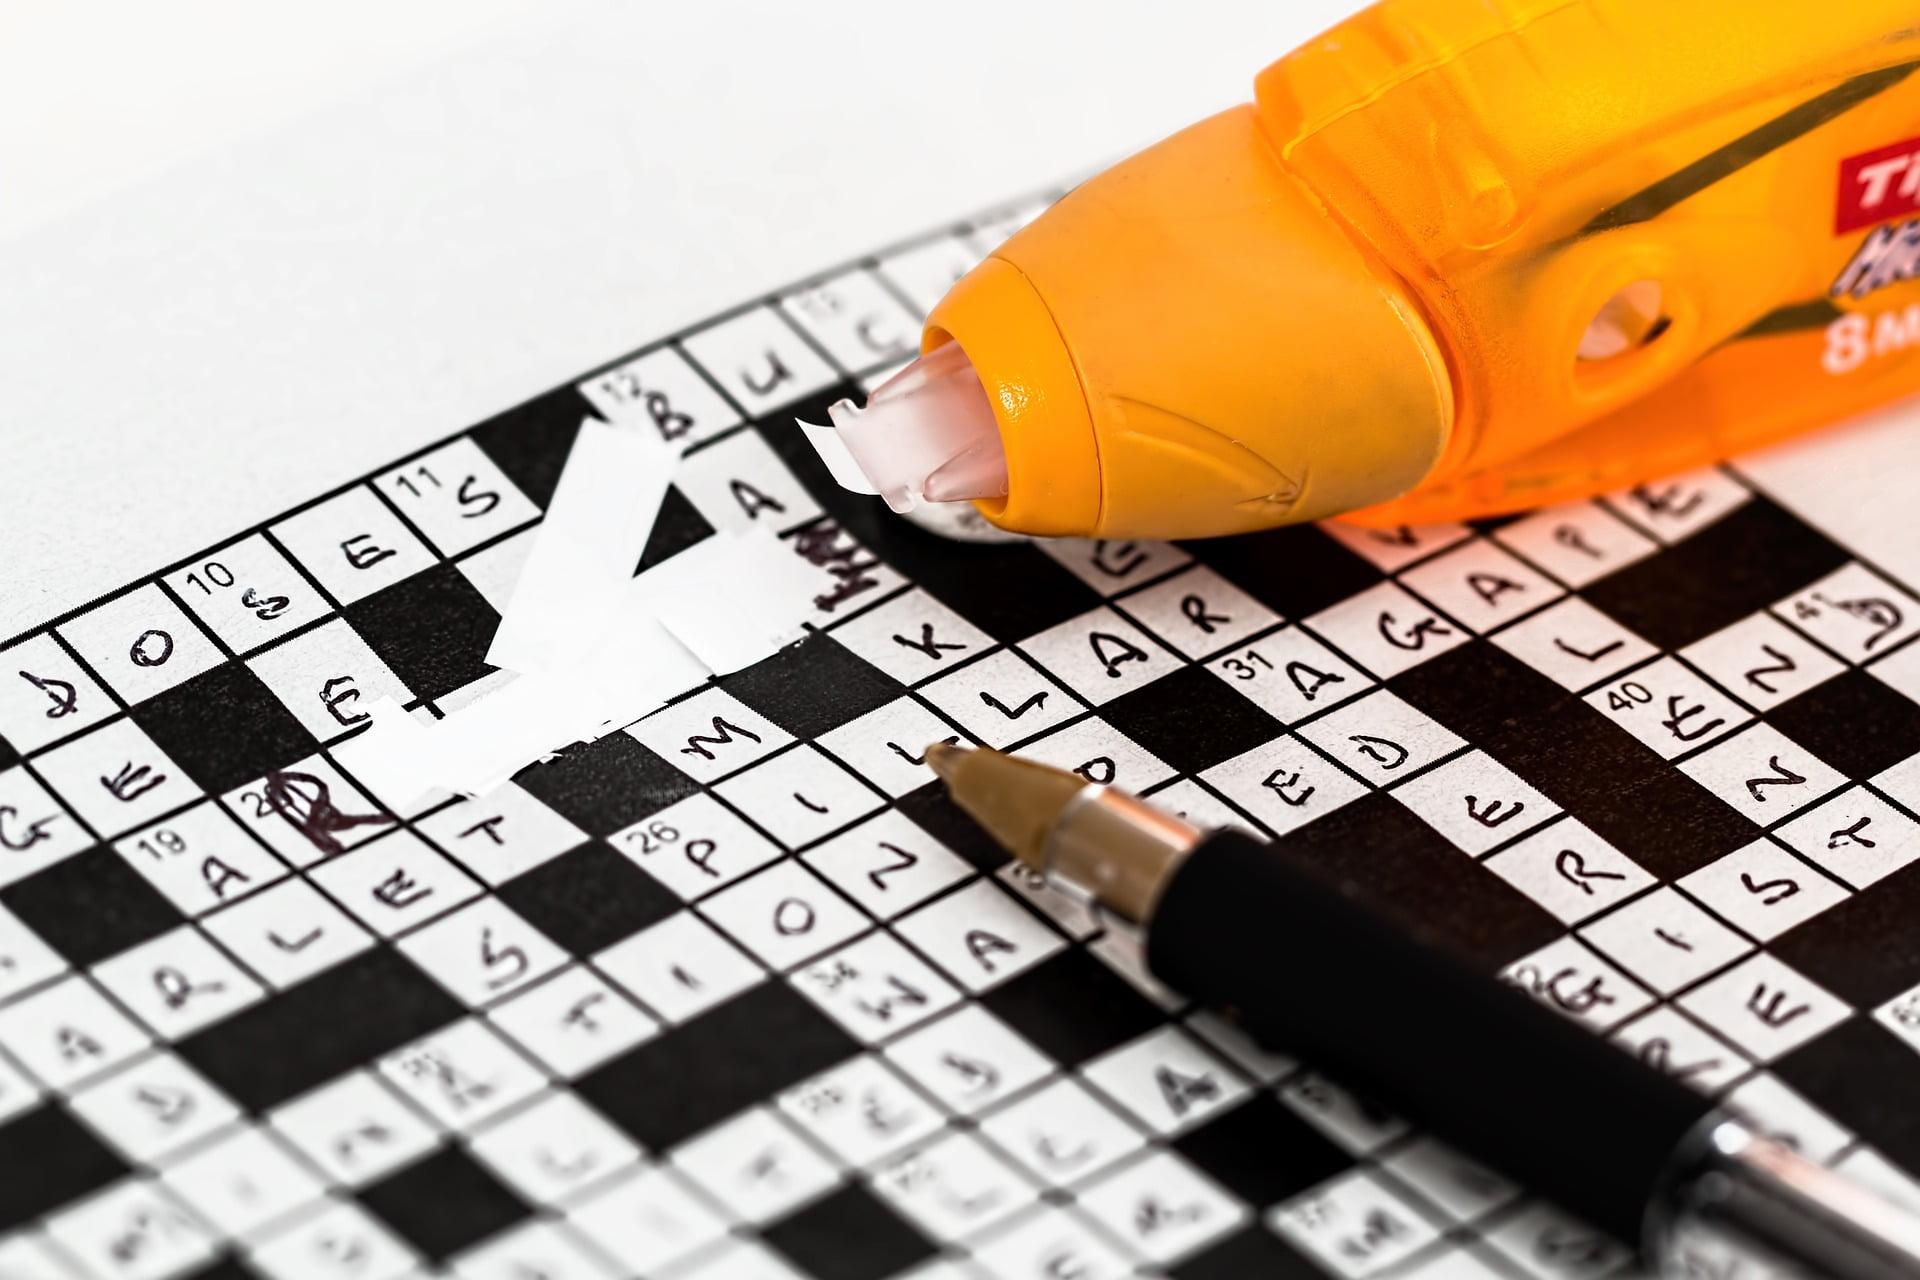 Krzyżówka z błędnie wpisanym hasłem, na której leżą korektor i długopis